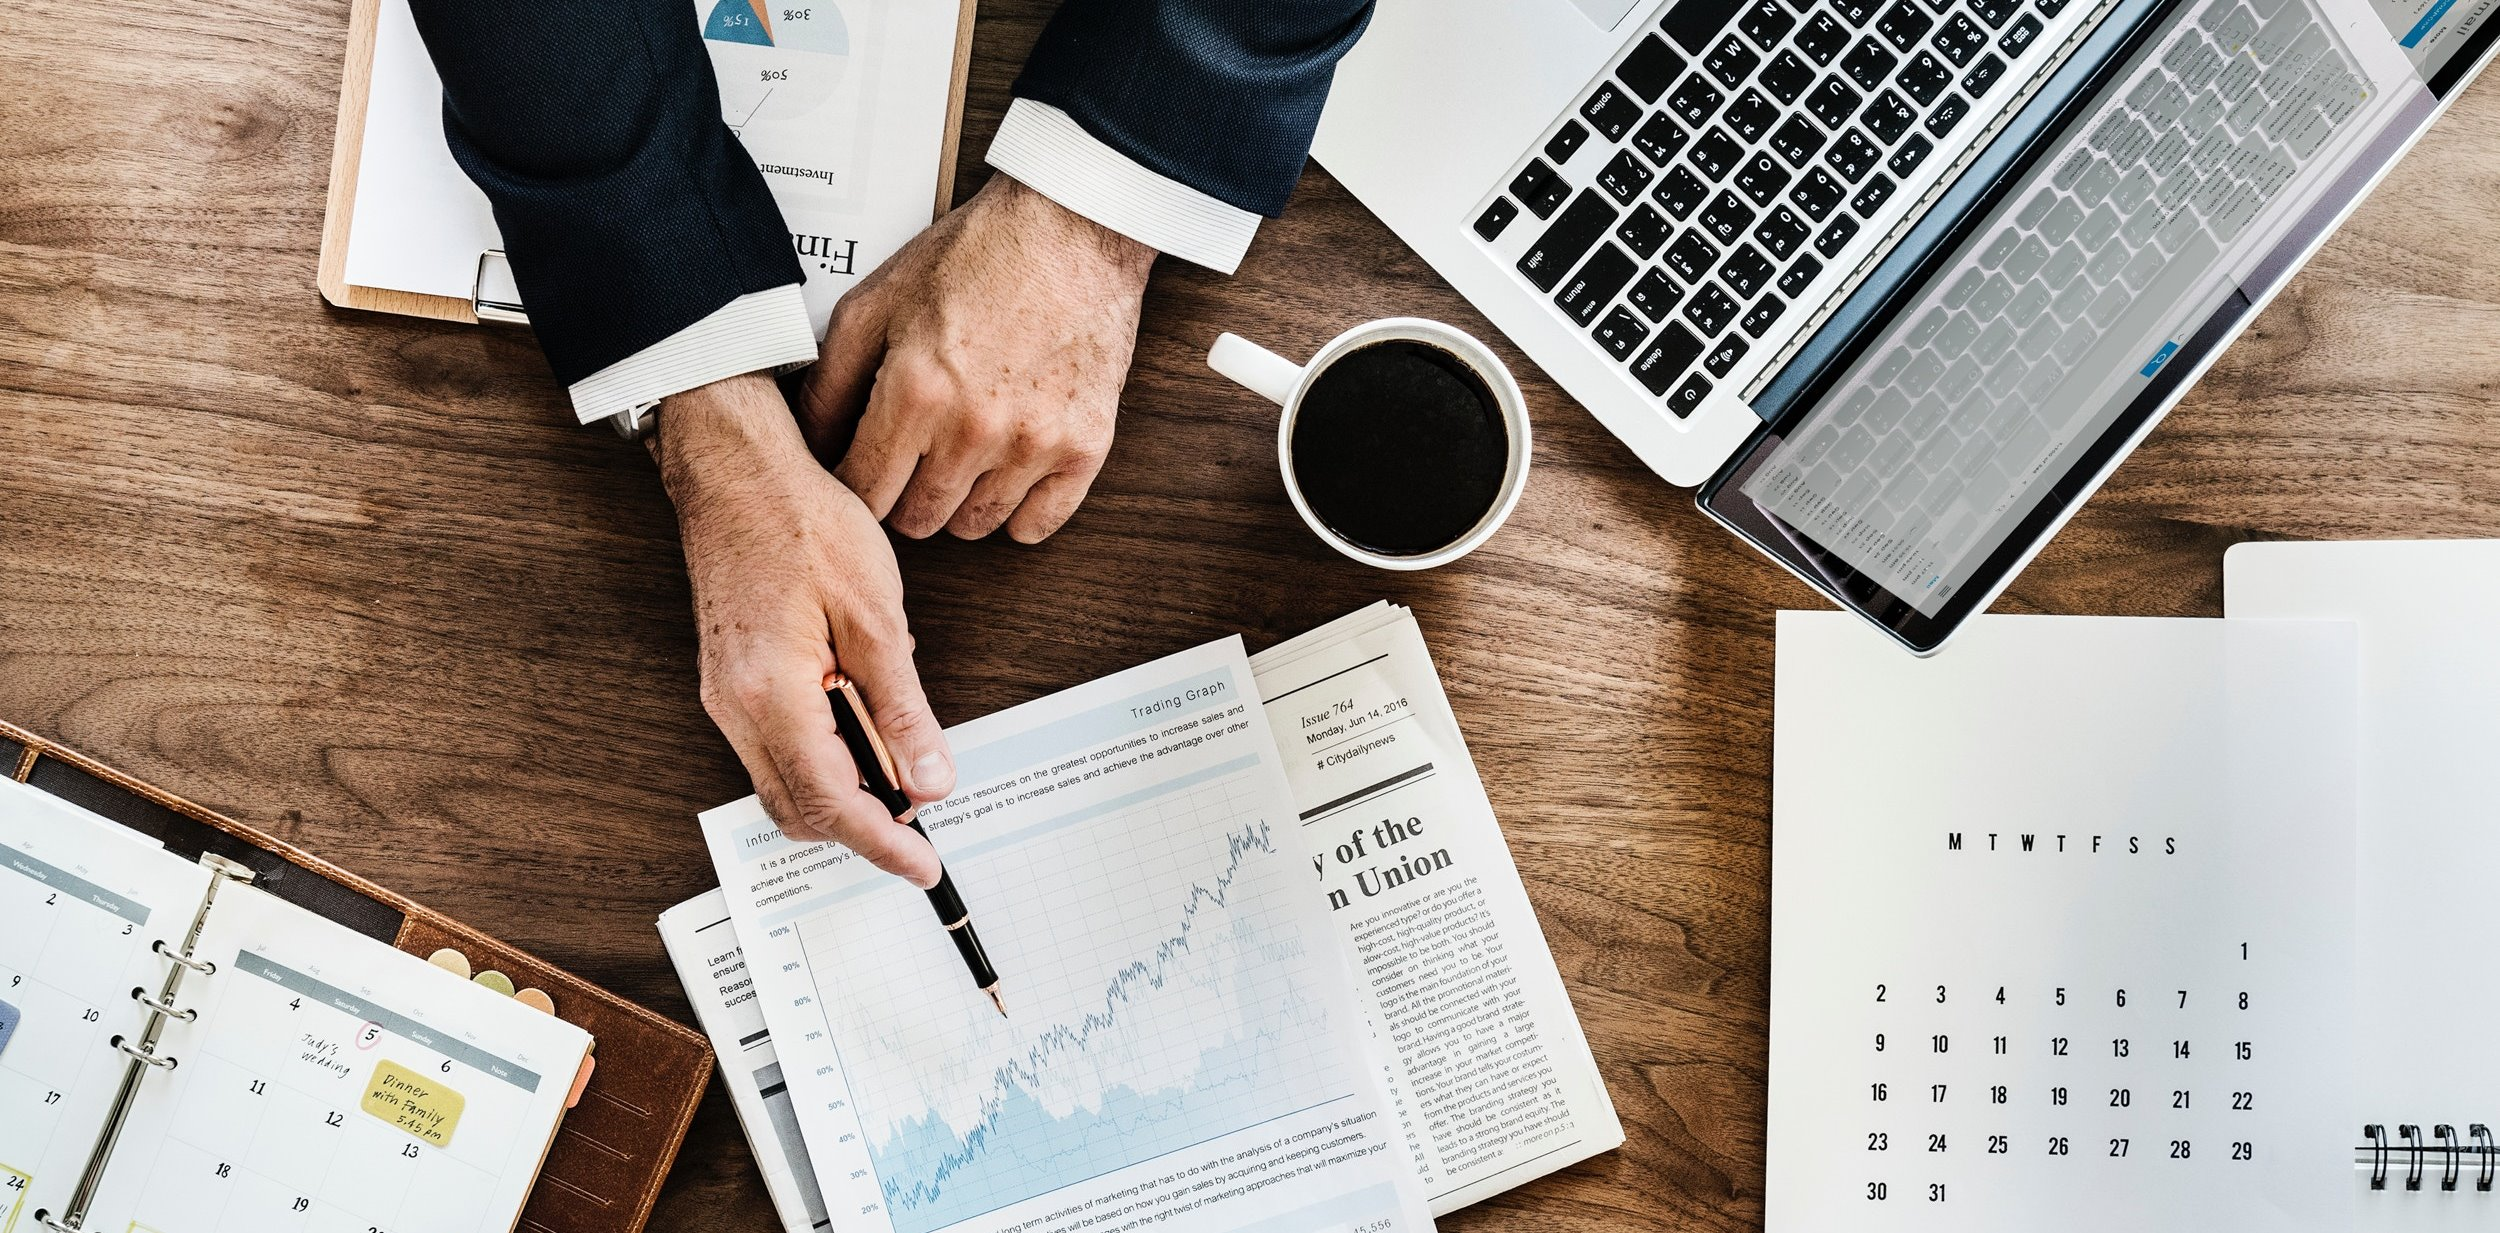 business analytics in proposals